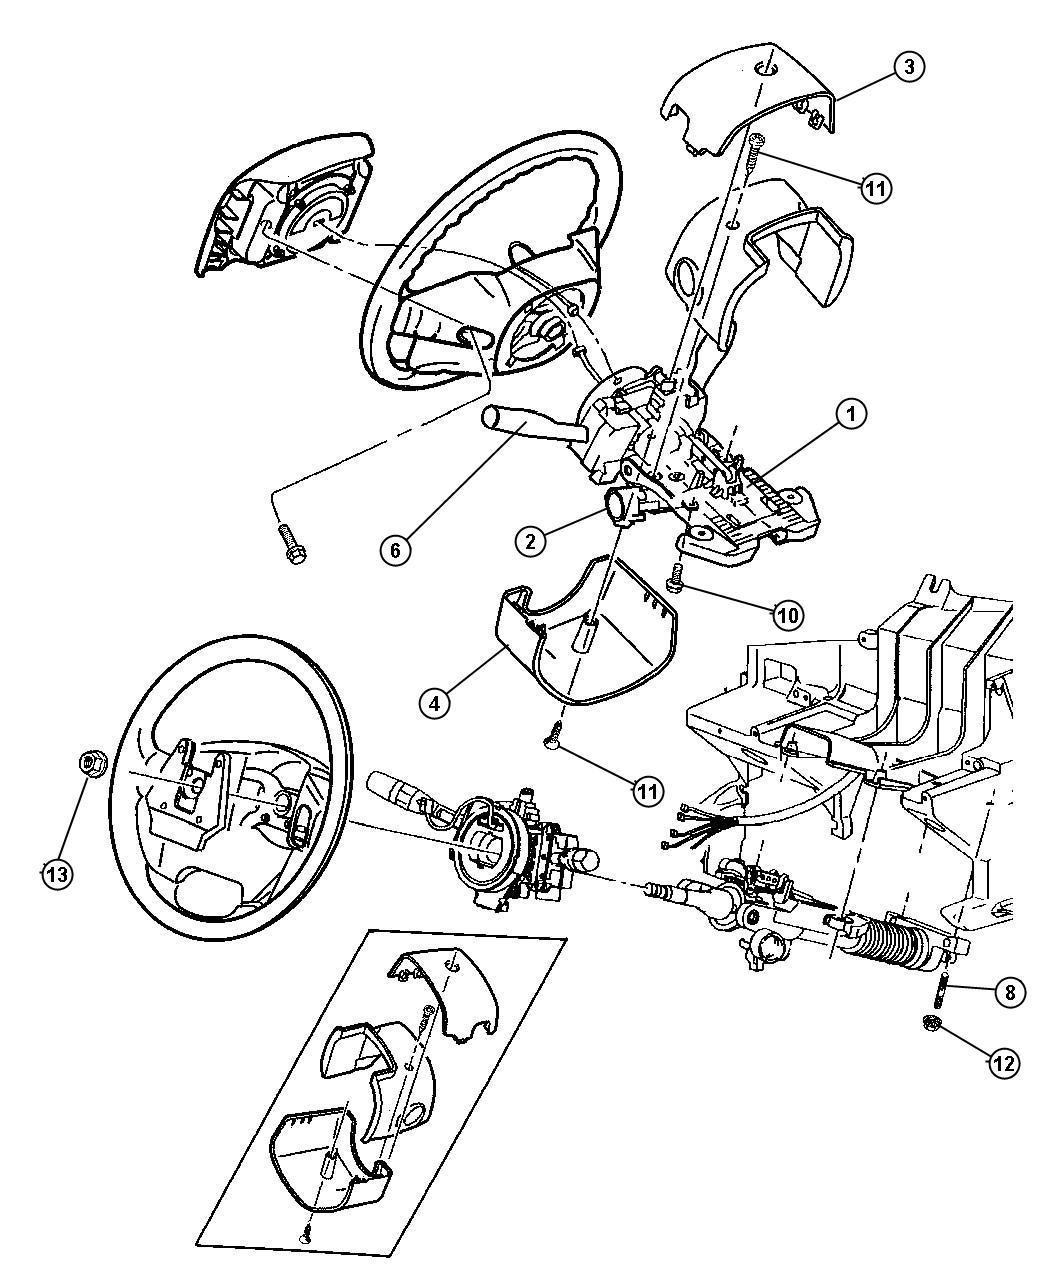 [EY_7047] Car Belt Diagrams Timing Belt Diagram For Dodge